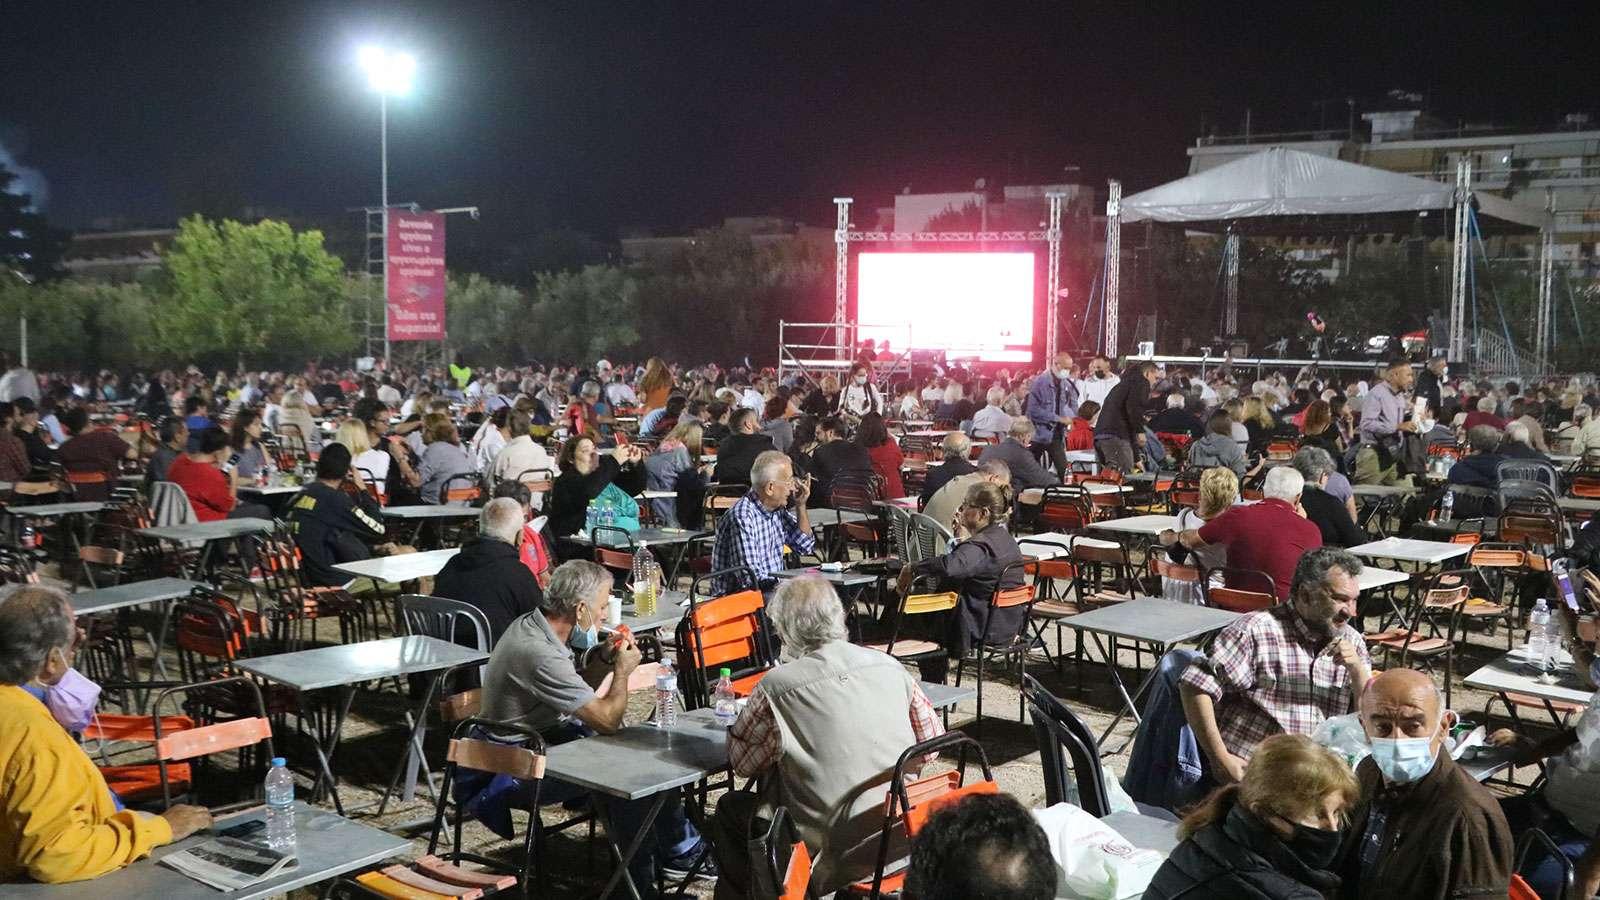 47ο φεστιβάλ ΚΝΕ Οδηγητή 3η μέρα Μελωδικό ταξίδι σε τραγούδια του Δημήτρη Χριστοδούλου